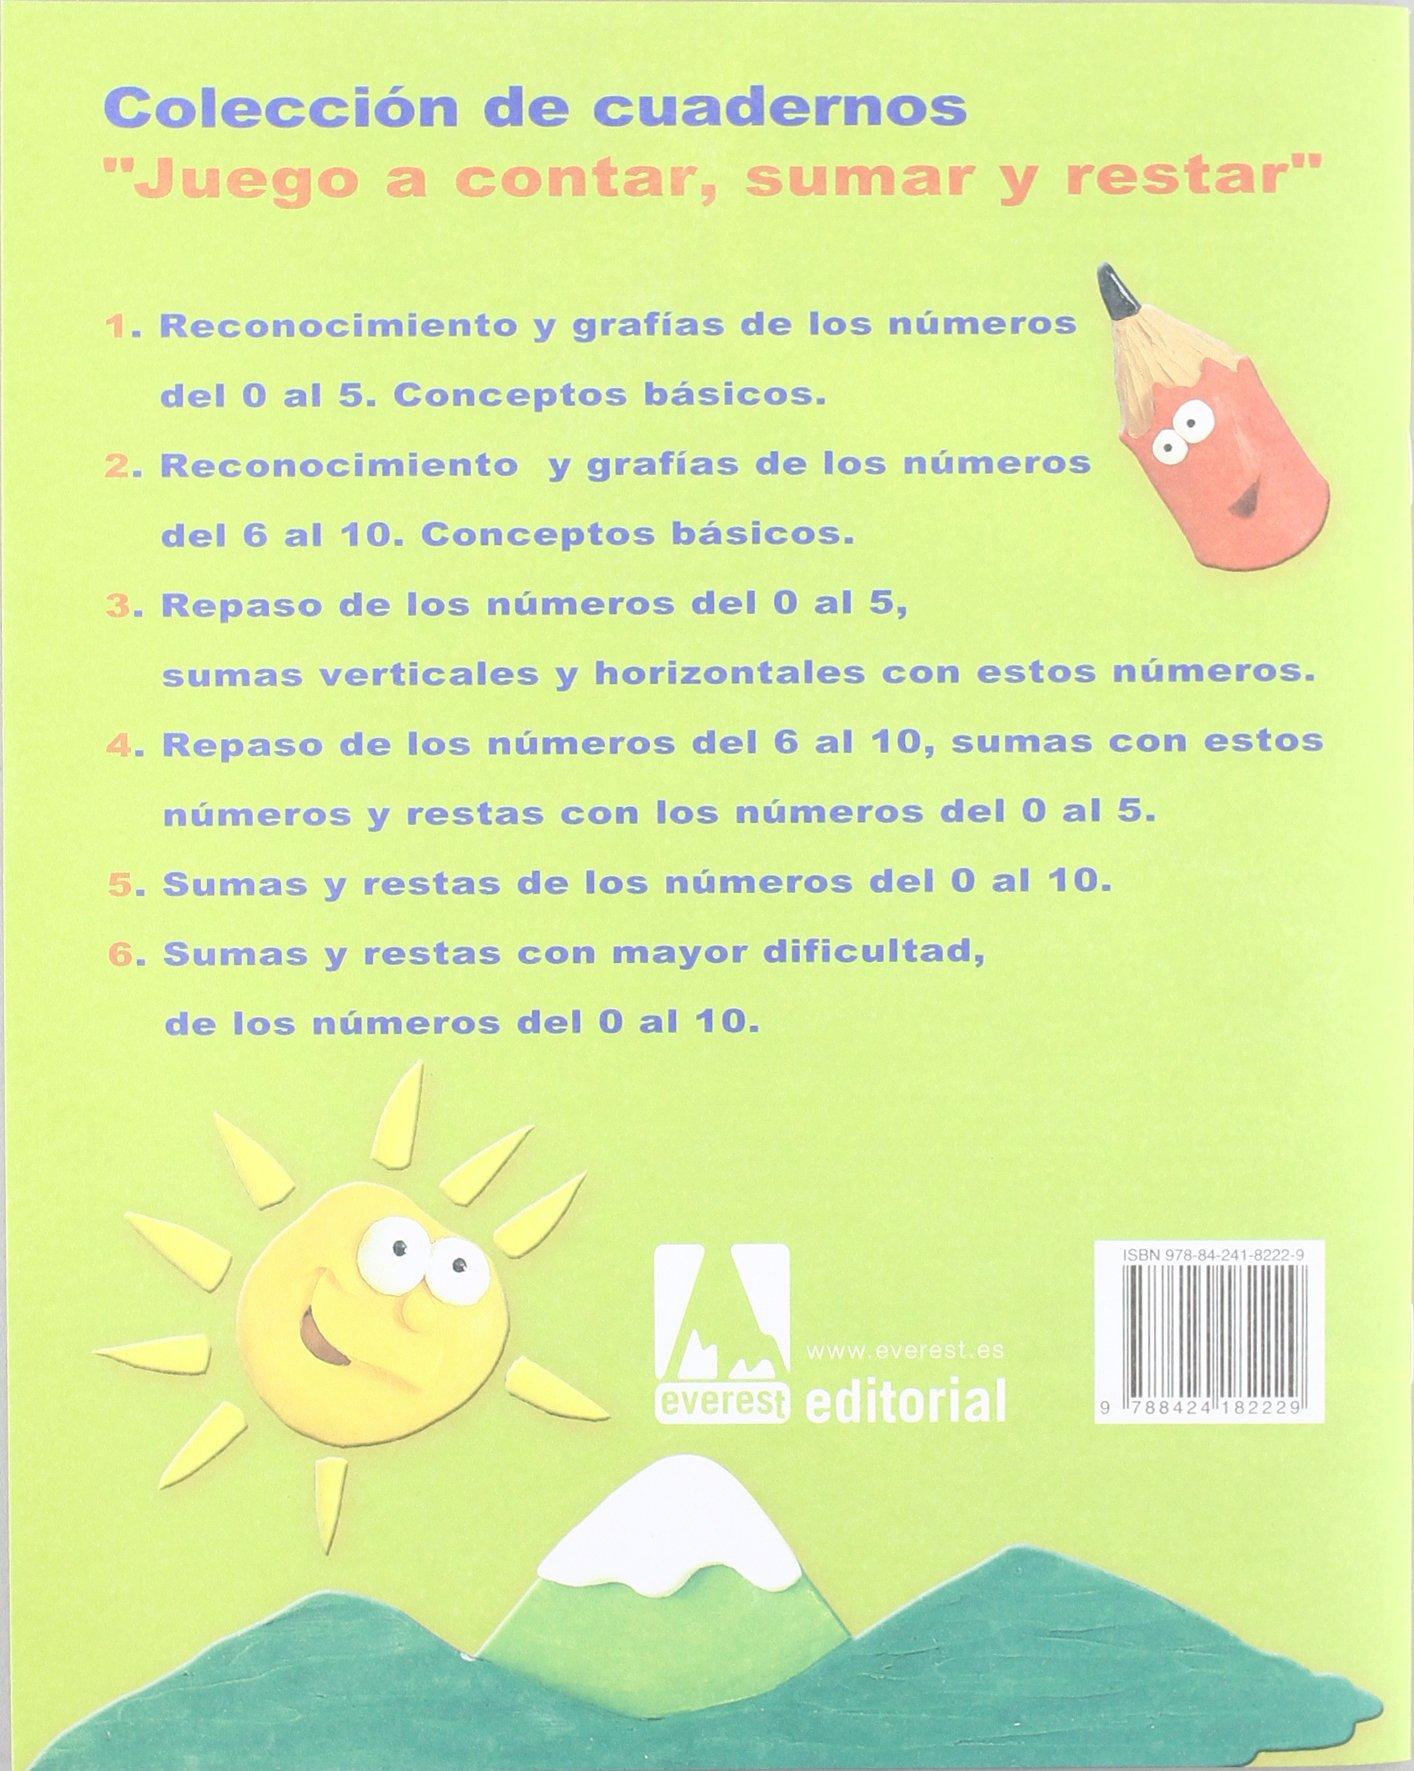 Juego a contar, sumar y restar 4. Fichas de cálculo progresivo -  9788424182229: Amazon.es: Perelétegui Candelas María Amparo, Pérez Cuadrado  Esther, ...